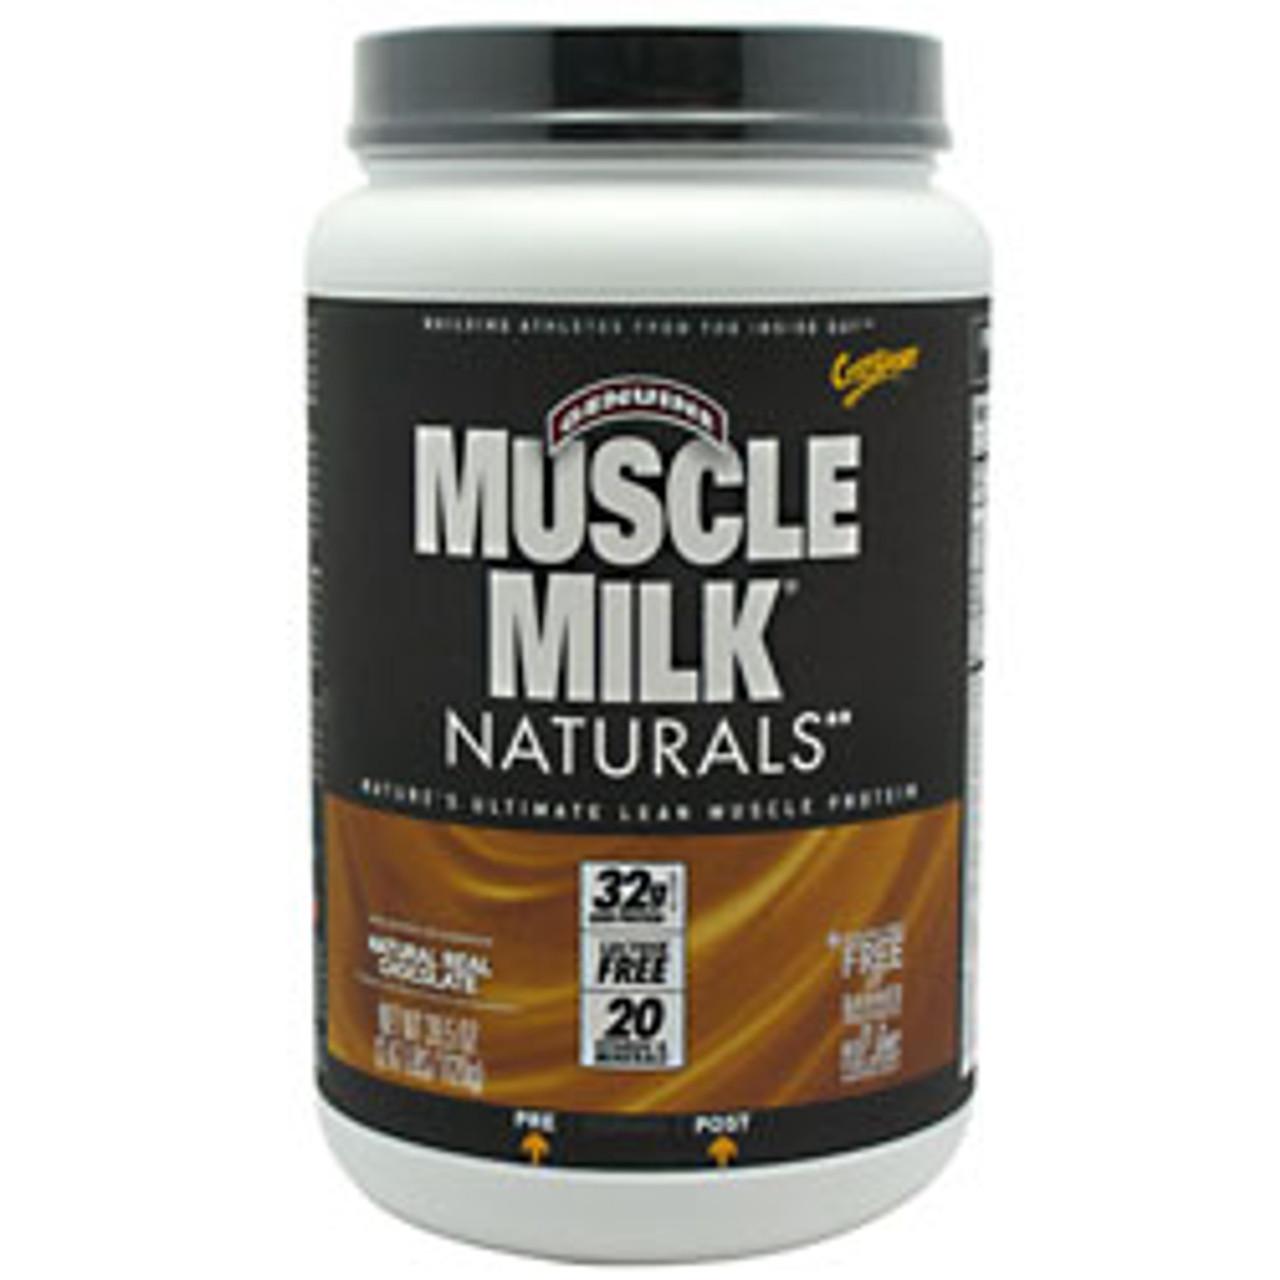 Muscle Milk Natural 2.47lb CytoSport